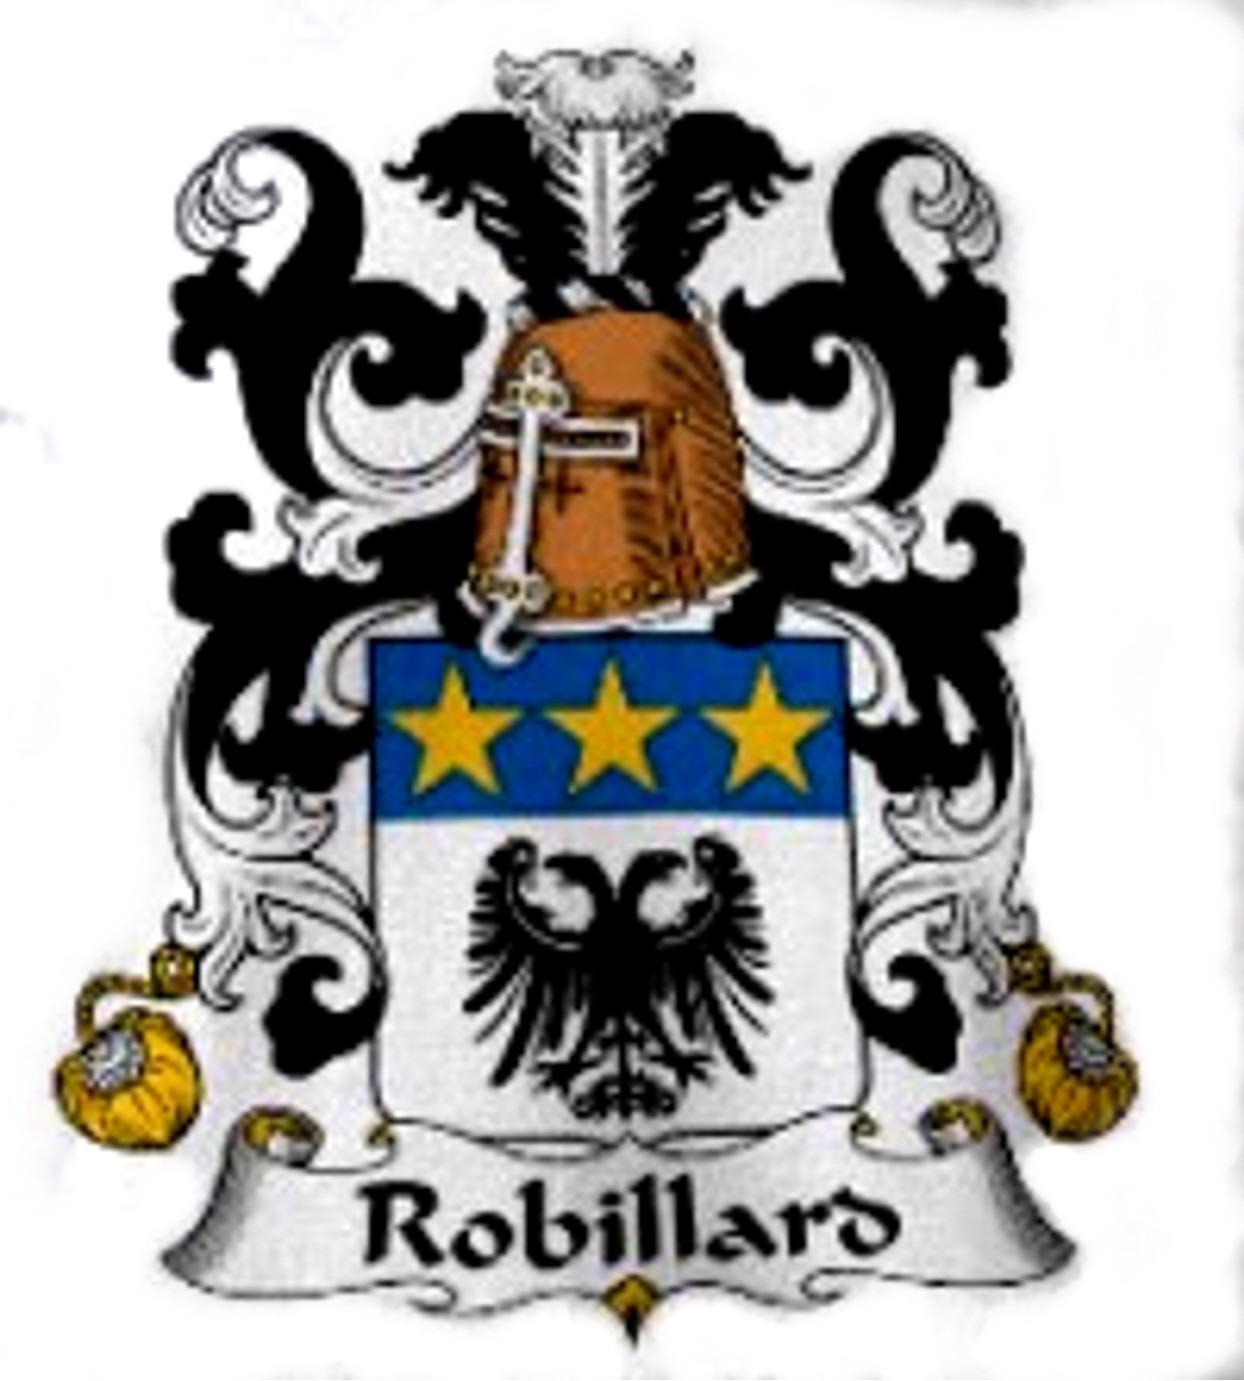 Andre Robillard